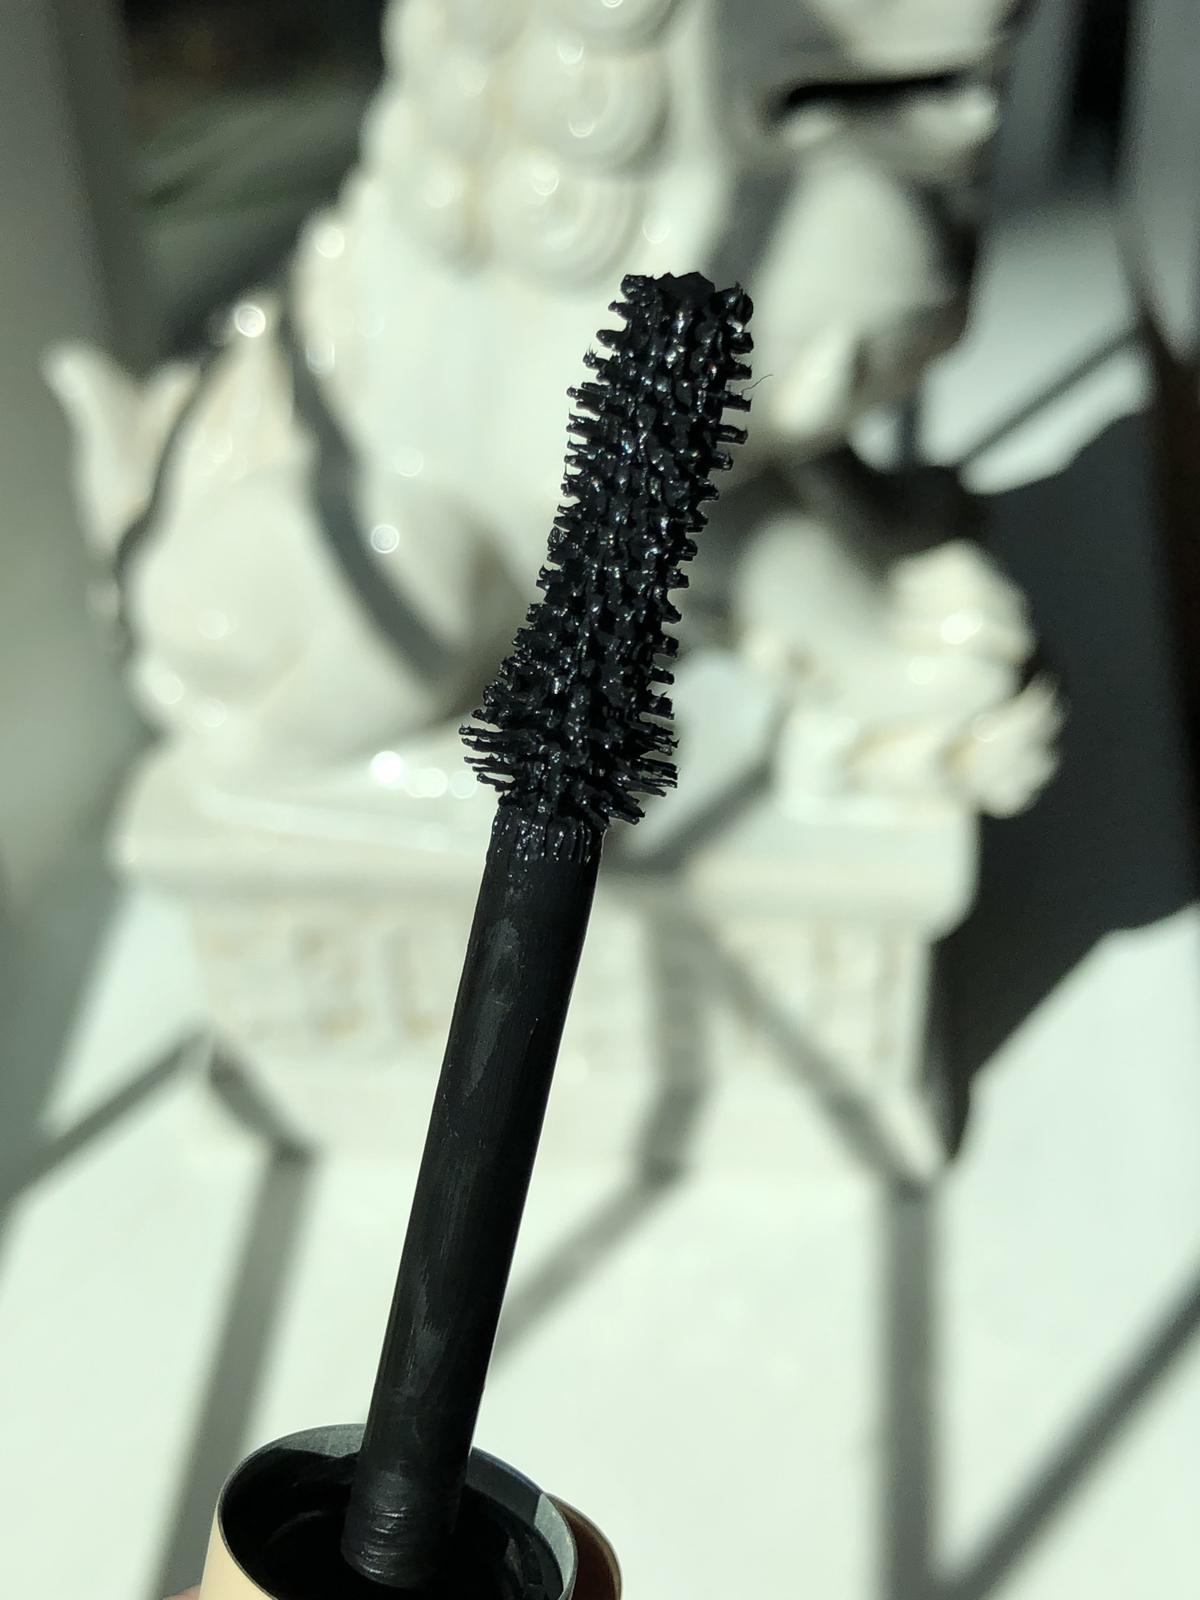 ILIA Beauty Fullest Volumizing Mascara, close-up on brush